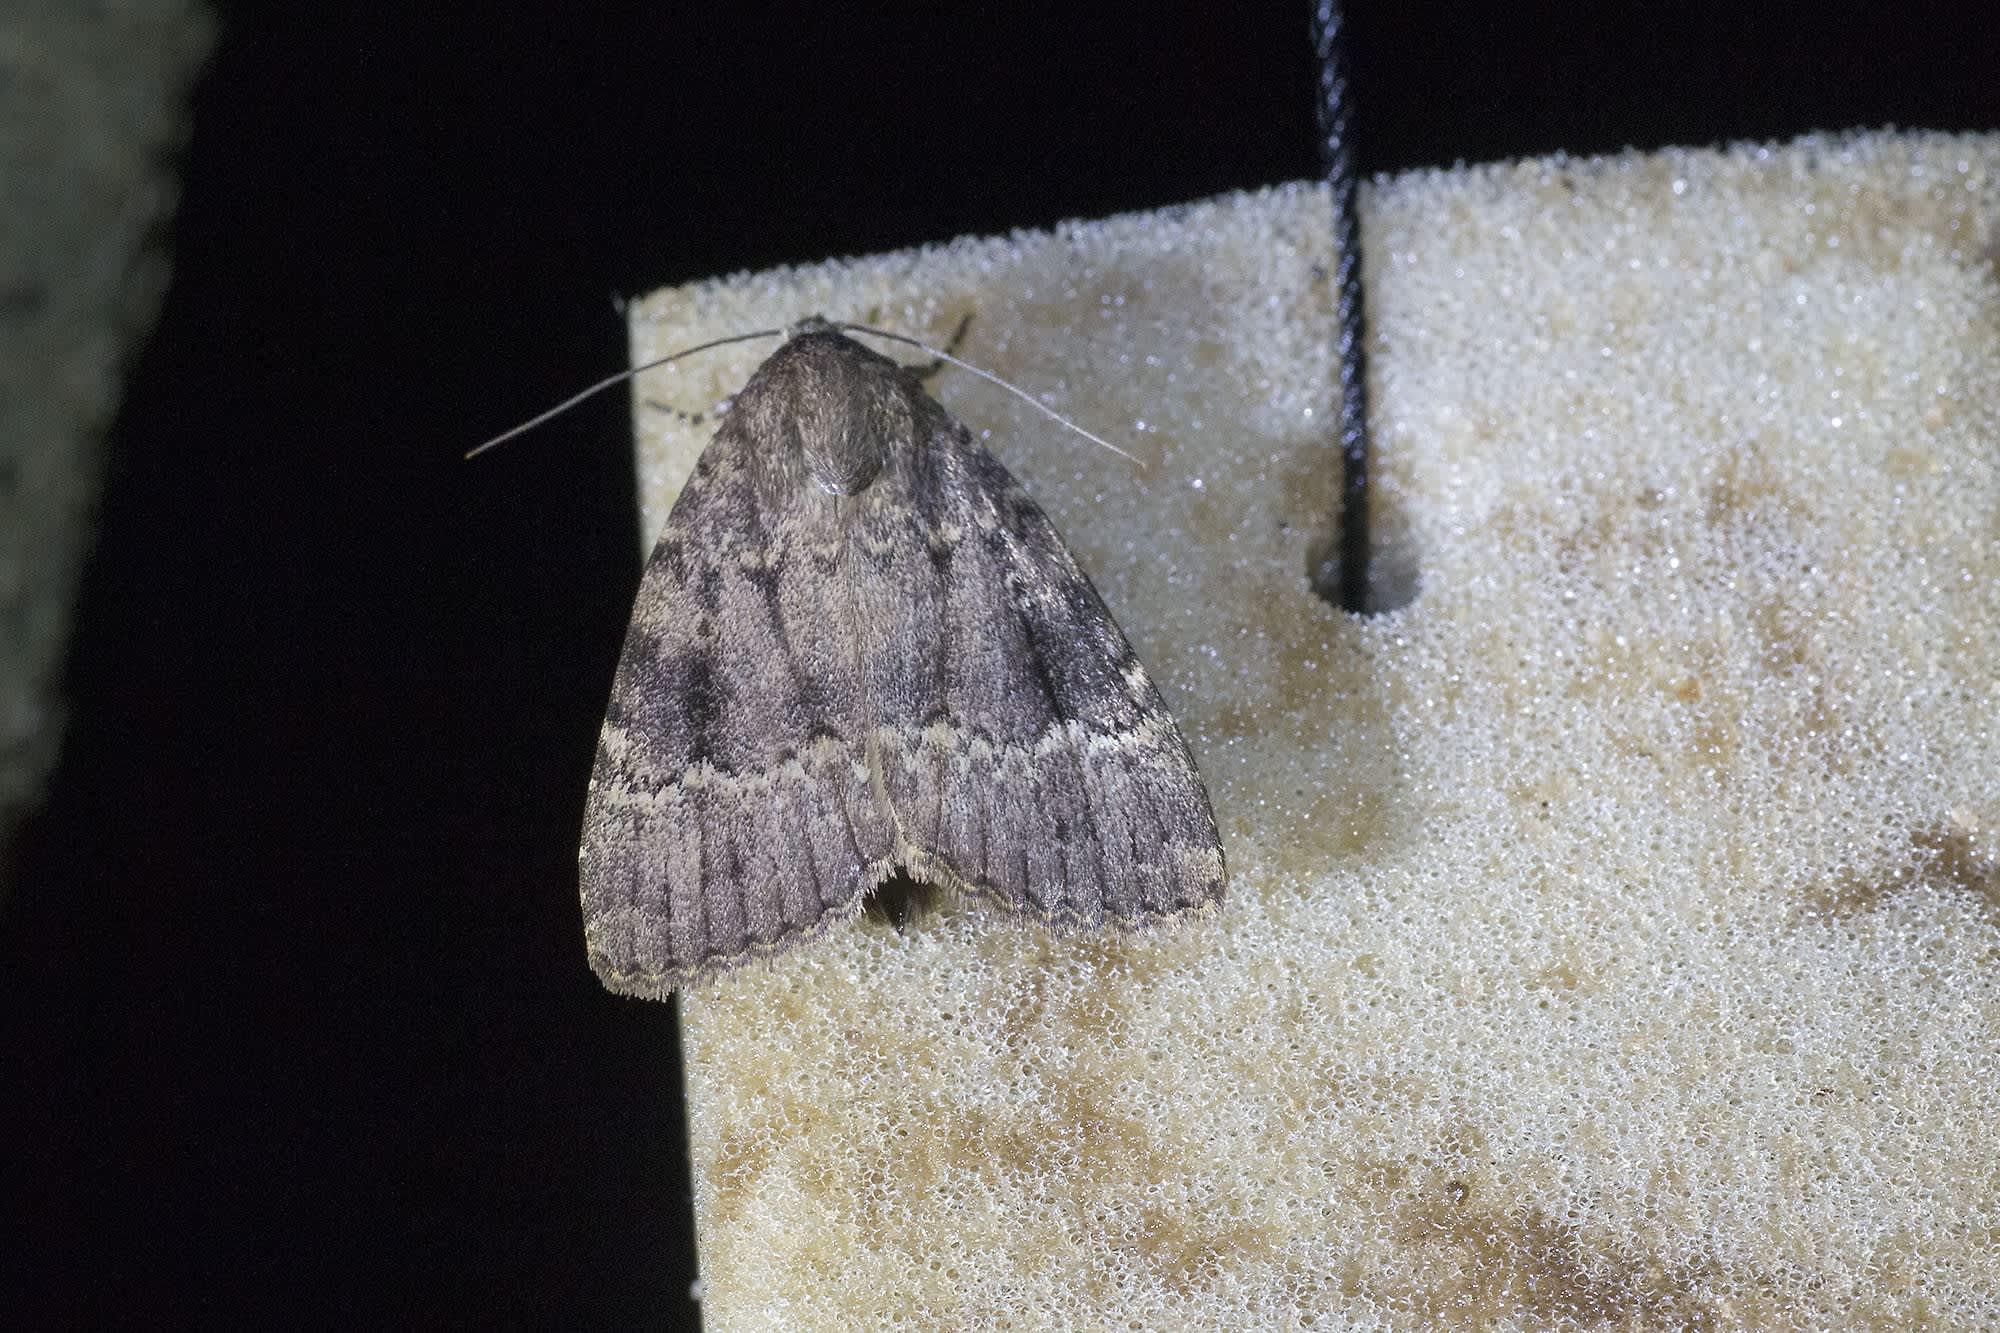 Kainuusta löytyi uusi perhoslaji. Kuvassa hohtopensasyökkönen.